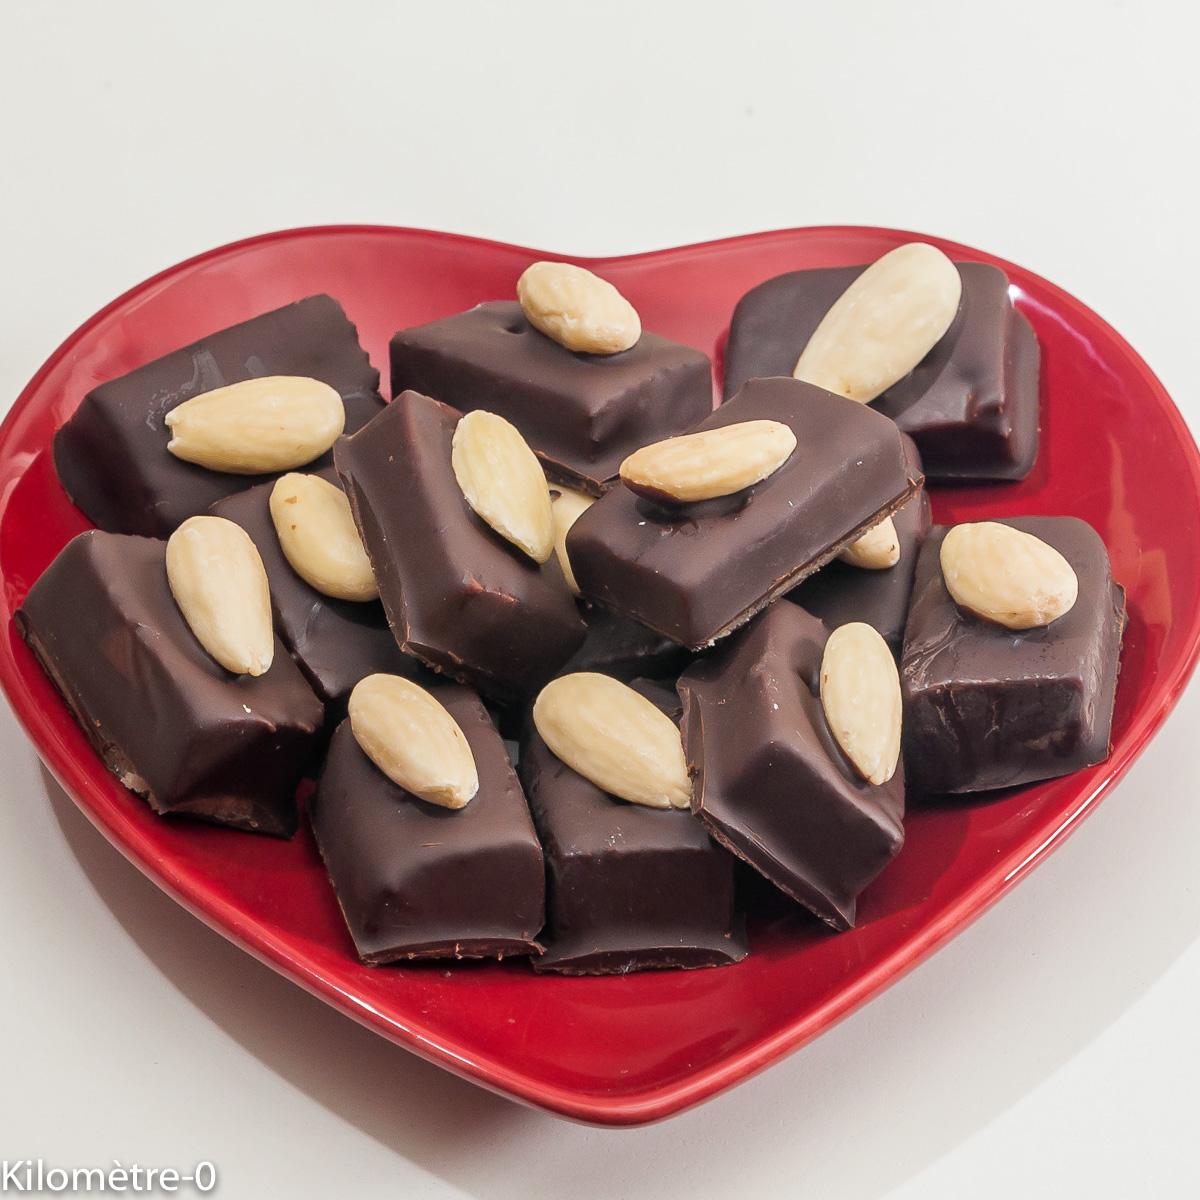 Photo de recette de bouchées, amandes, chocolat, facile, Noël, fait maison Kilomètre-0, blog de cuisine réalisée à partir de produits locaux et issus de circuits courts